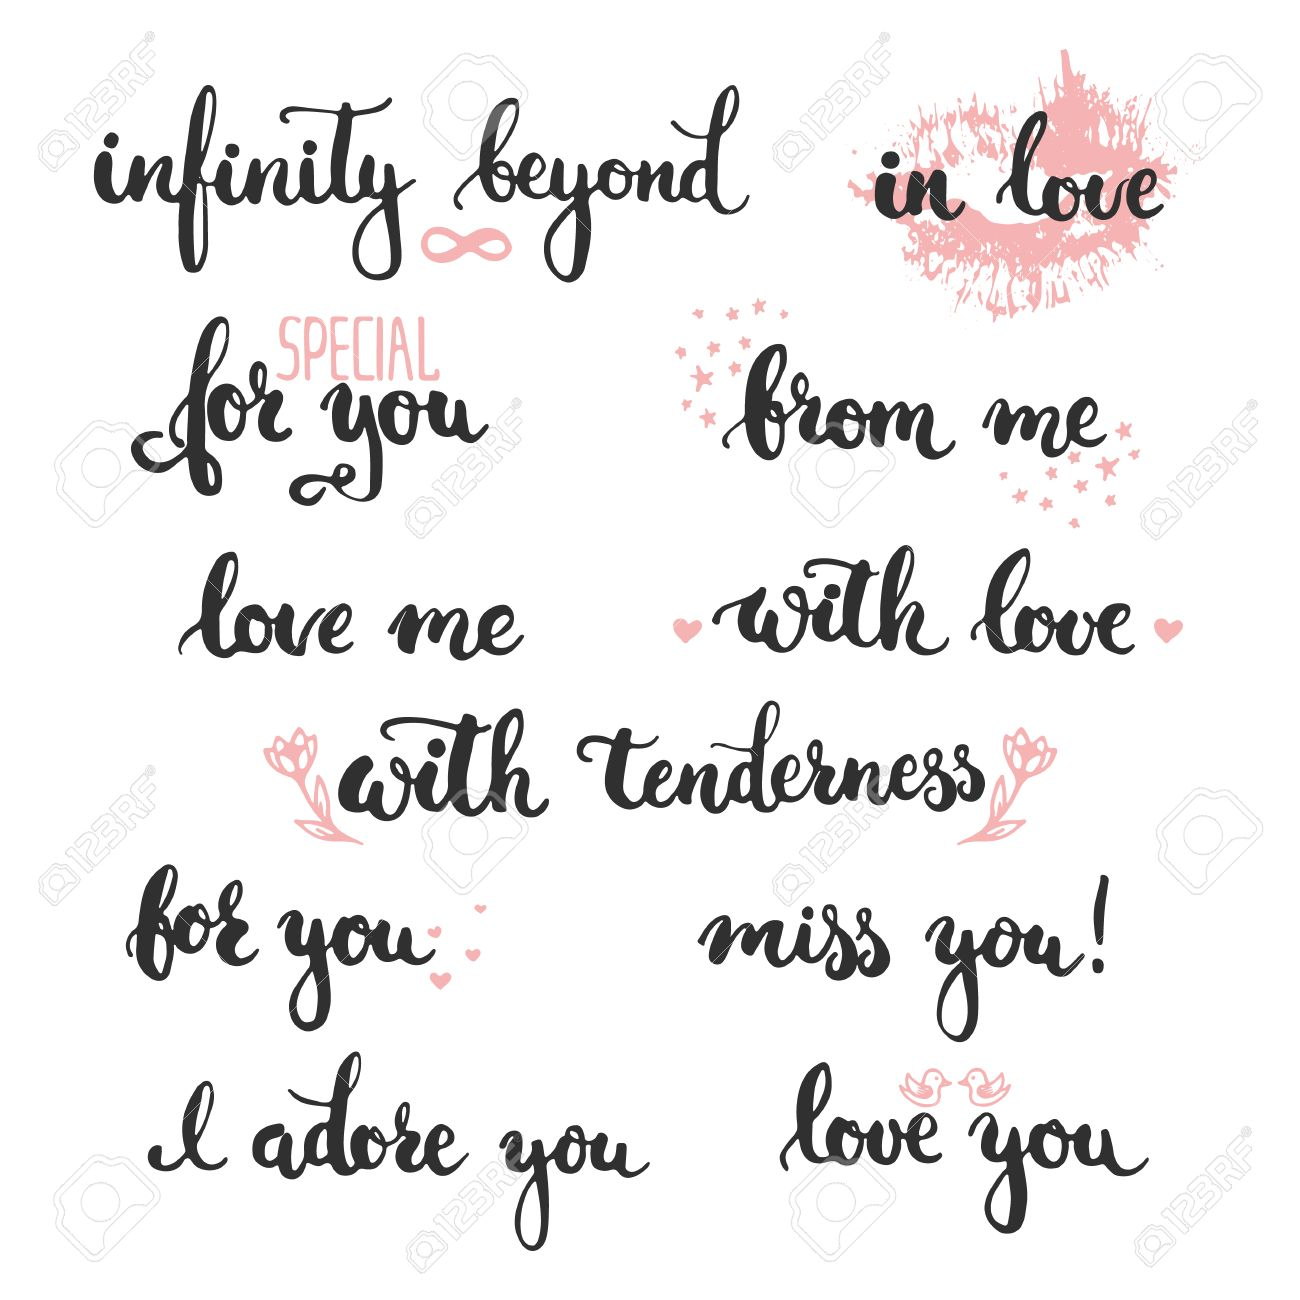 Conjunto De Frases Sobre El Amor En El Amor Te Adoro Falta Usted